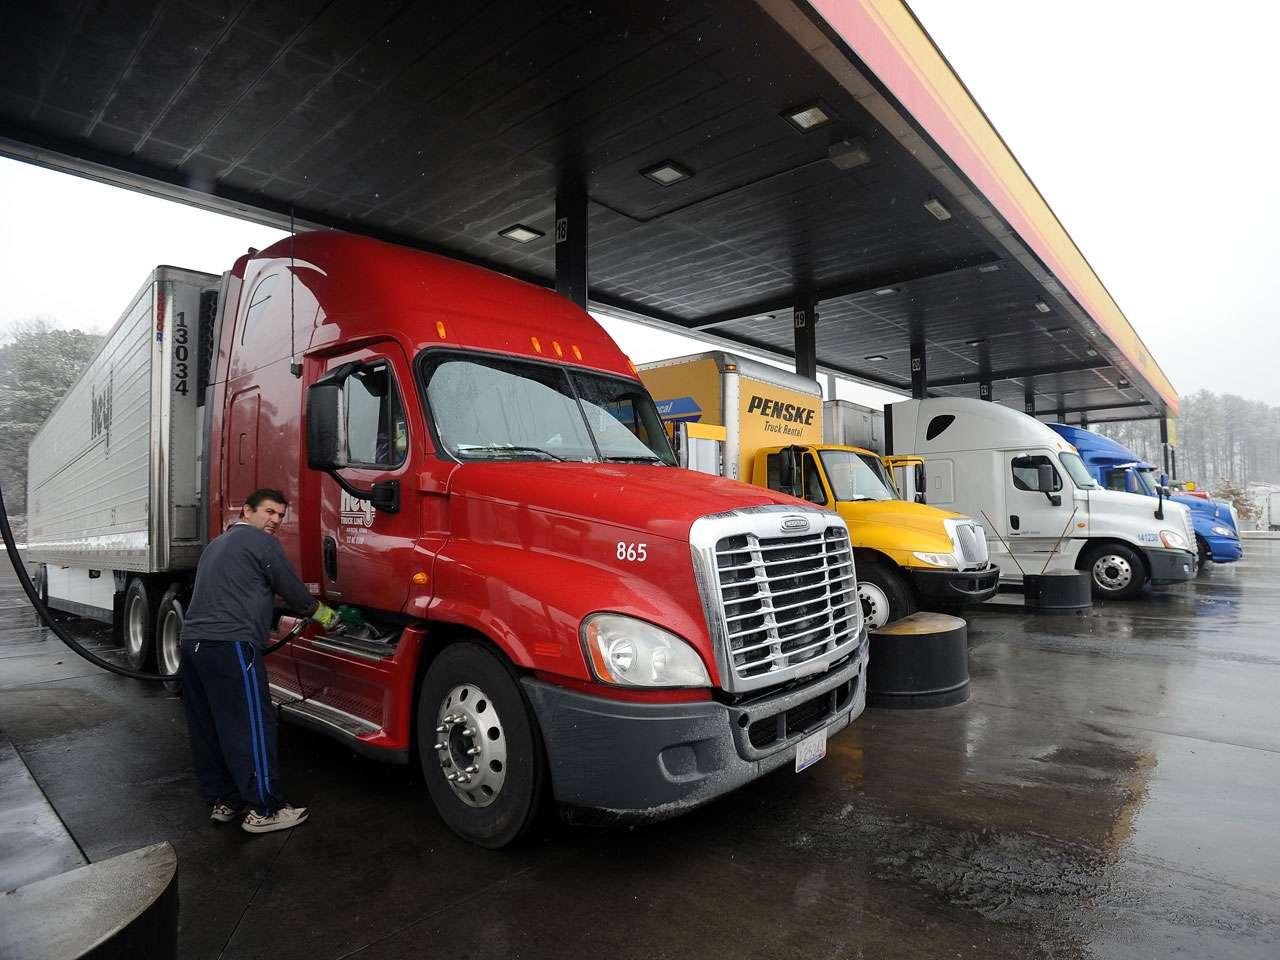 Otros migrantes viajaban escondidos entre la carga del camión. Imagen de ilustración Foto: David Tulis/AP/Archivo